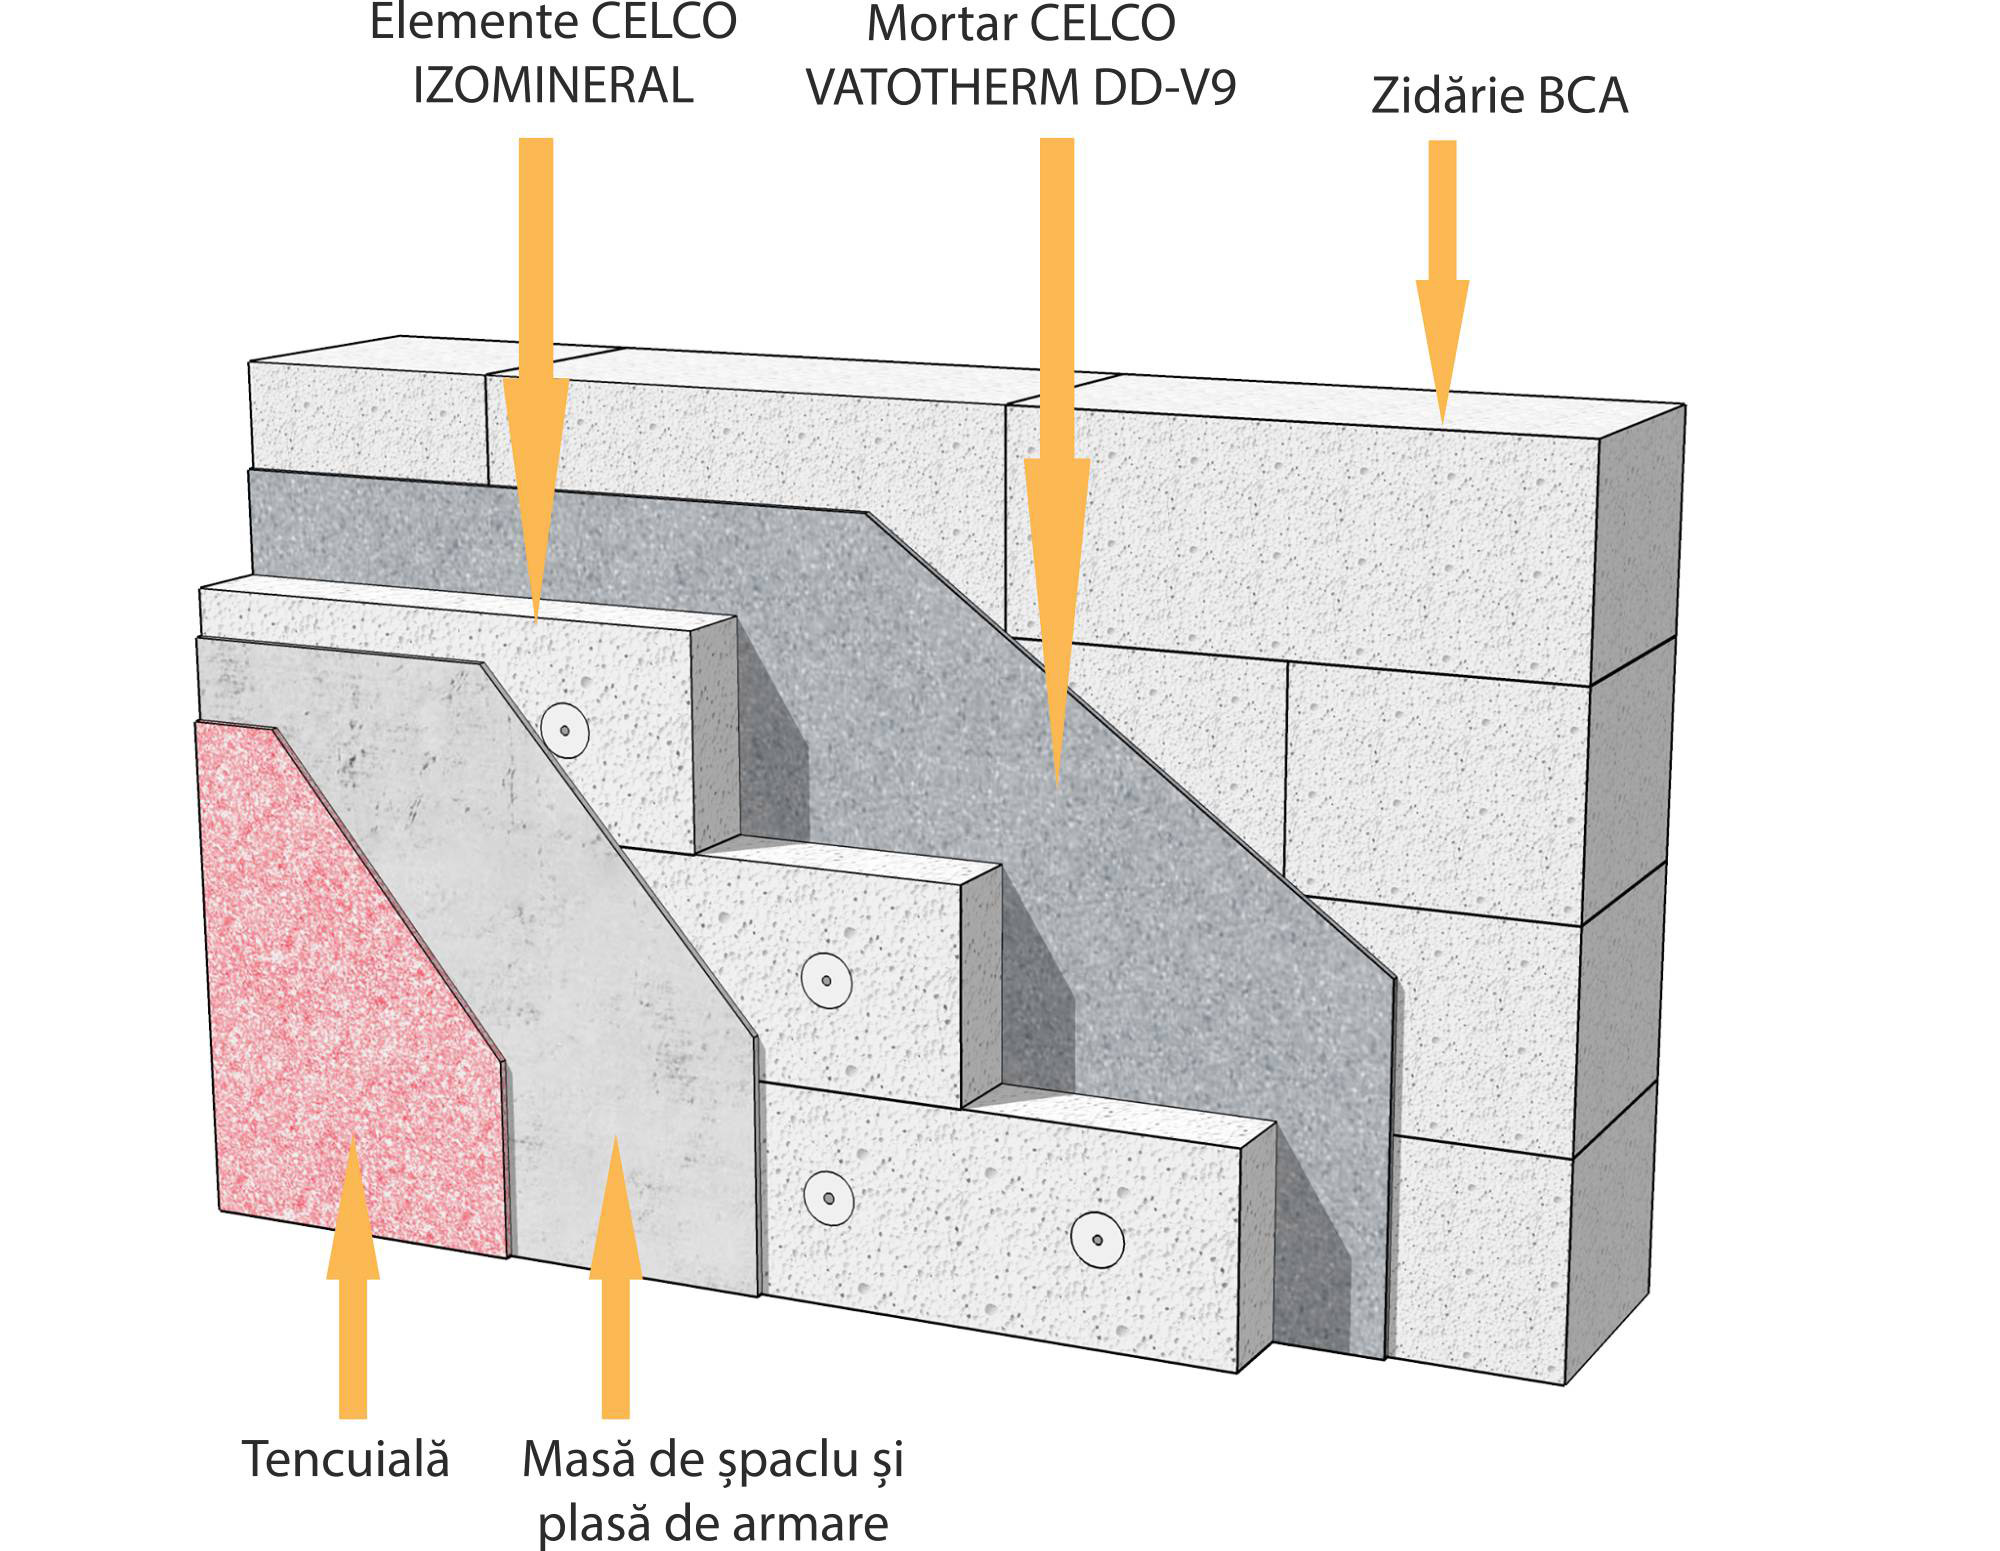 montaj izolatie termica izomineral celco pe bca